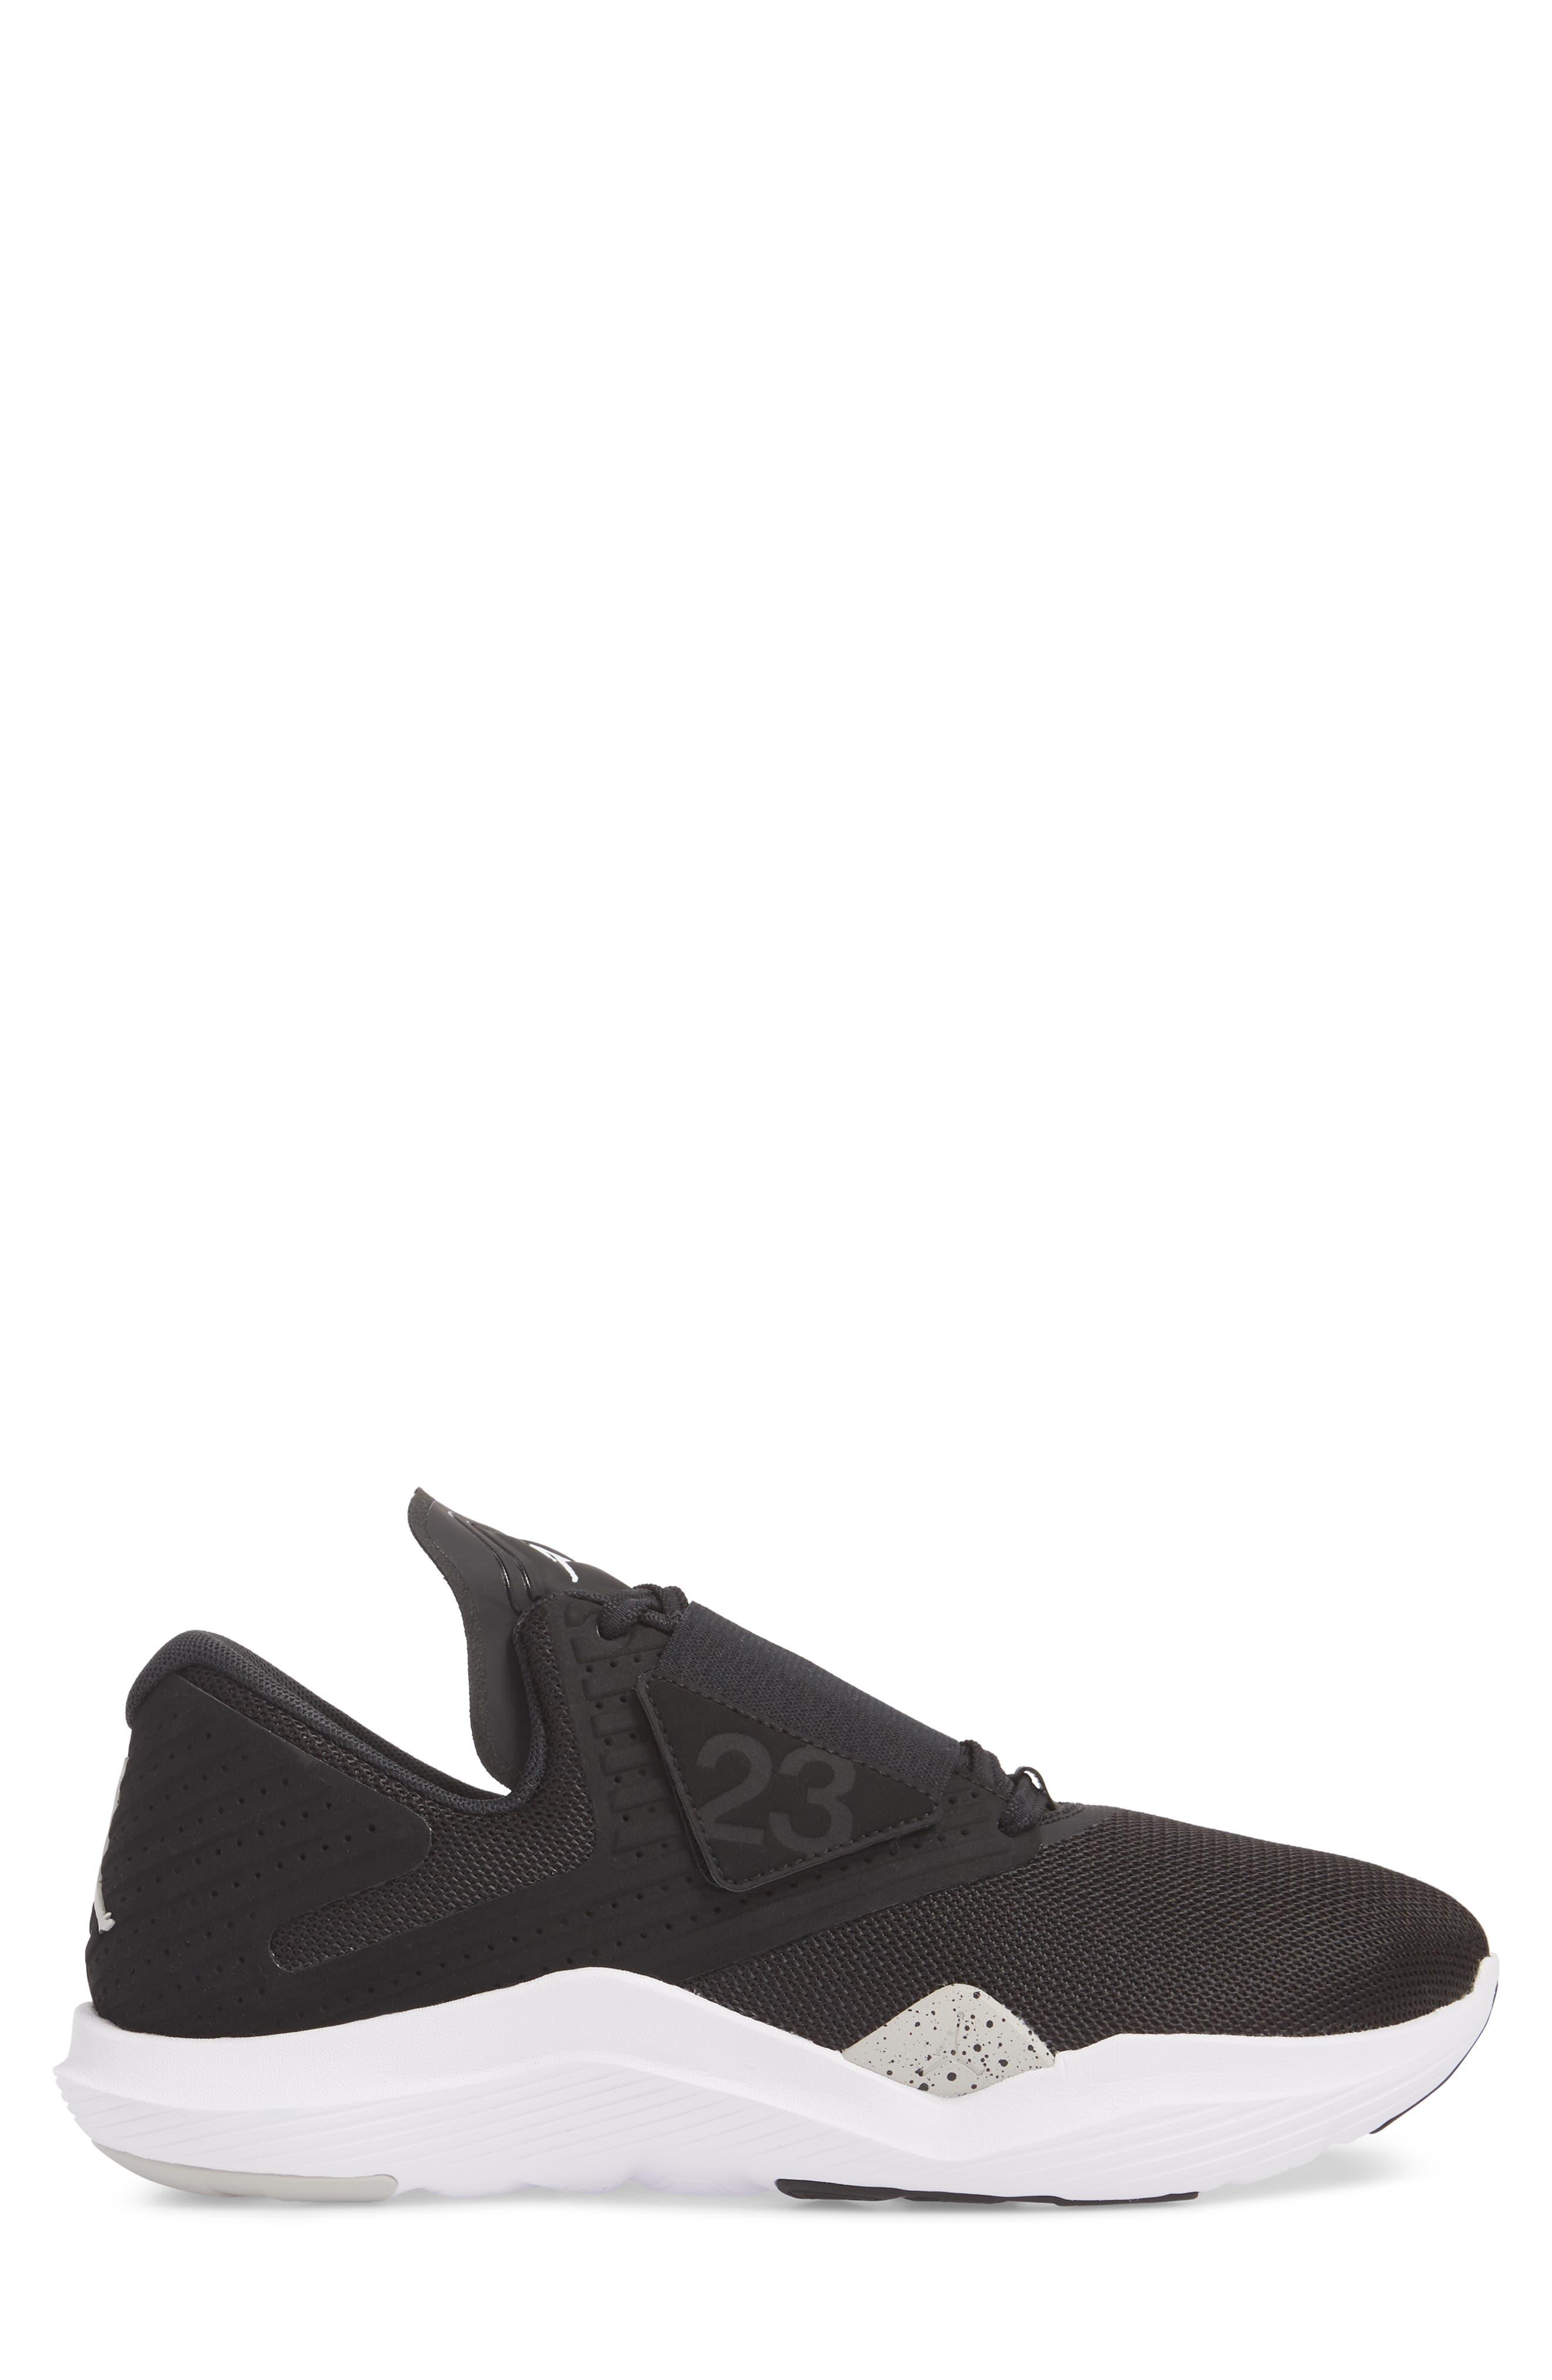 Air Jordan Relentless Training Sneaker,                             Alternate thumbnail 3, color,                             BLACK/ TECH GREY/ WHITE